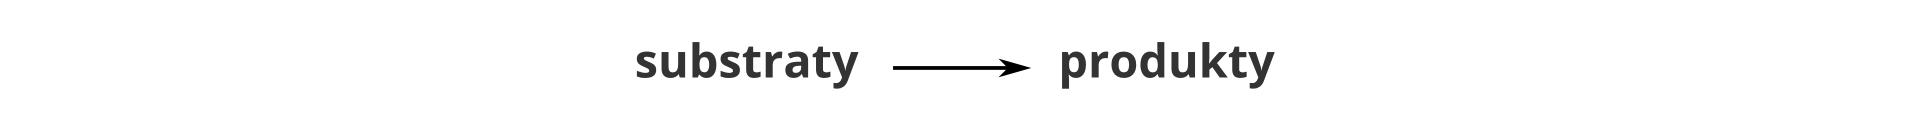 Ilustracja przedstawia najogólniejszą możliwą postać równania reakcji chemicznej. Ma ono postać: substraty, strzałka wprawo, produkty.